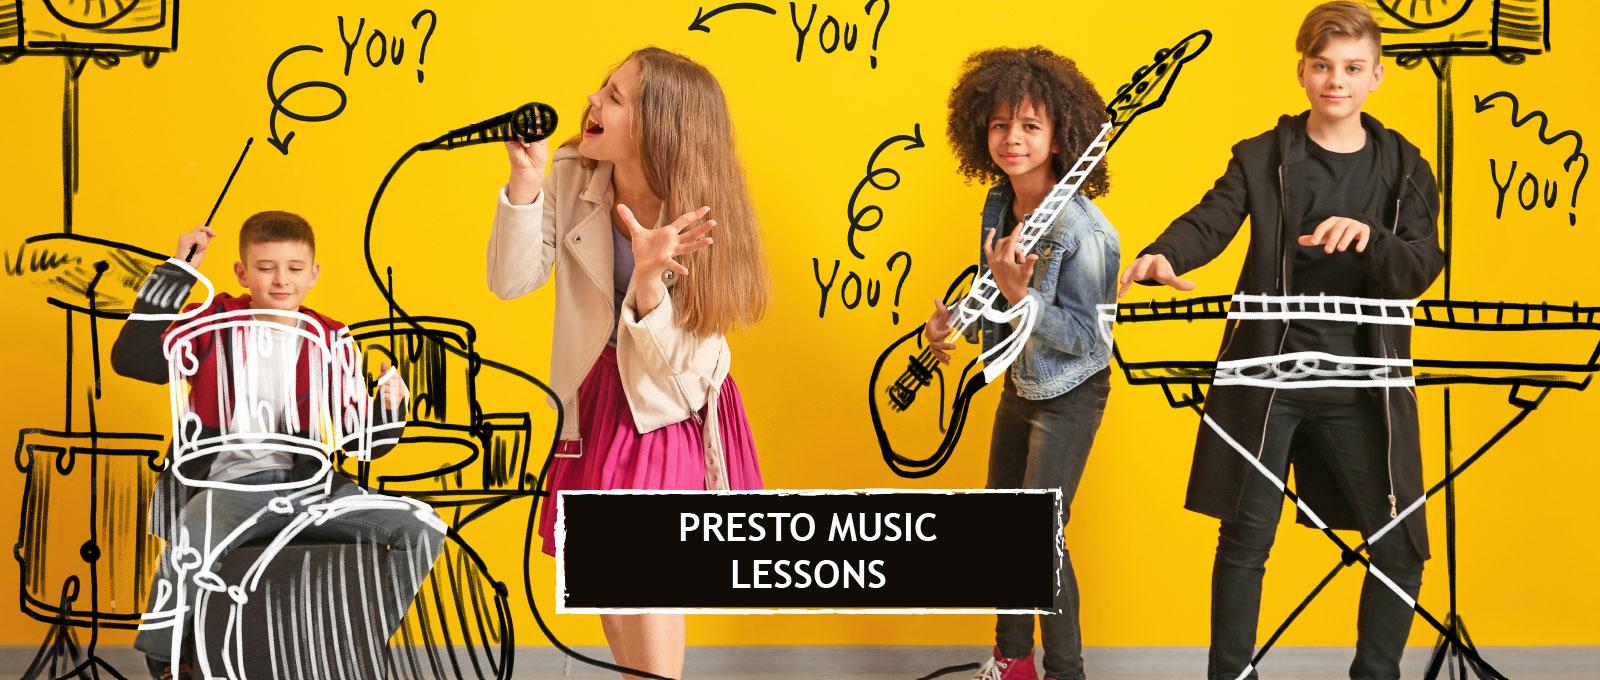 Presto Music Lessons